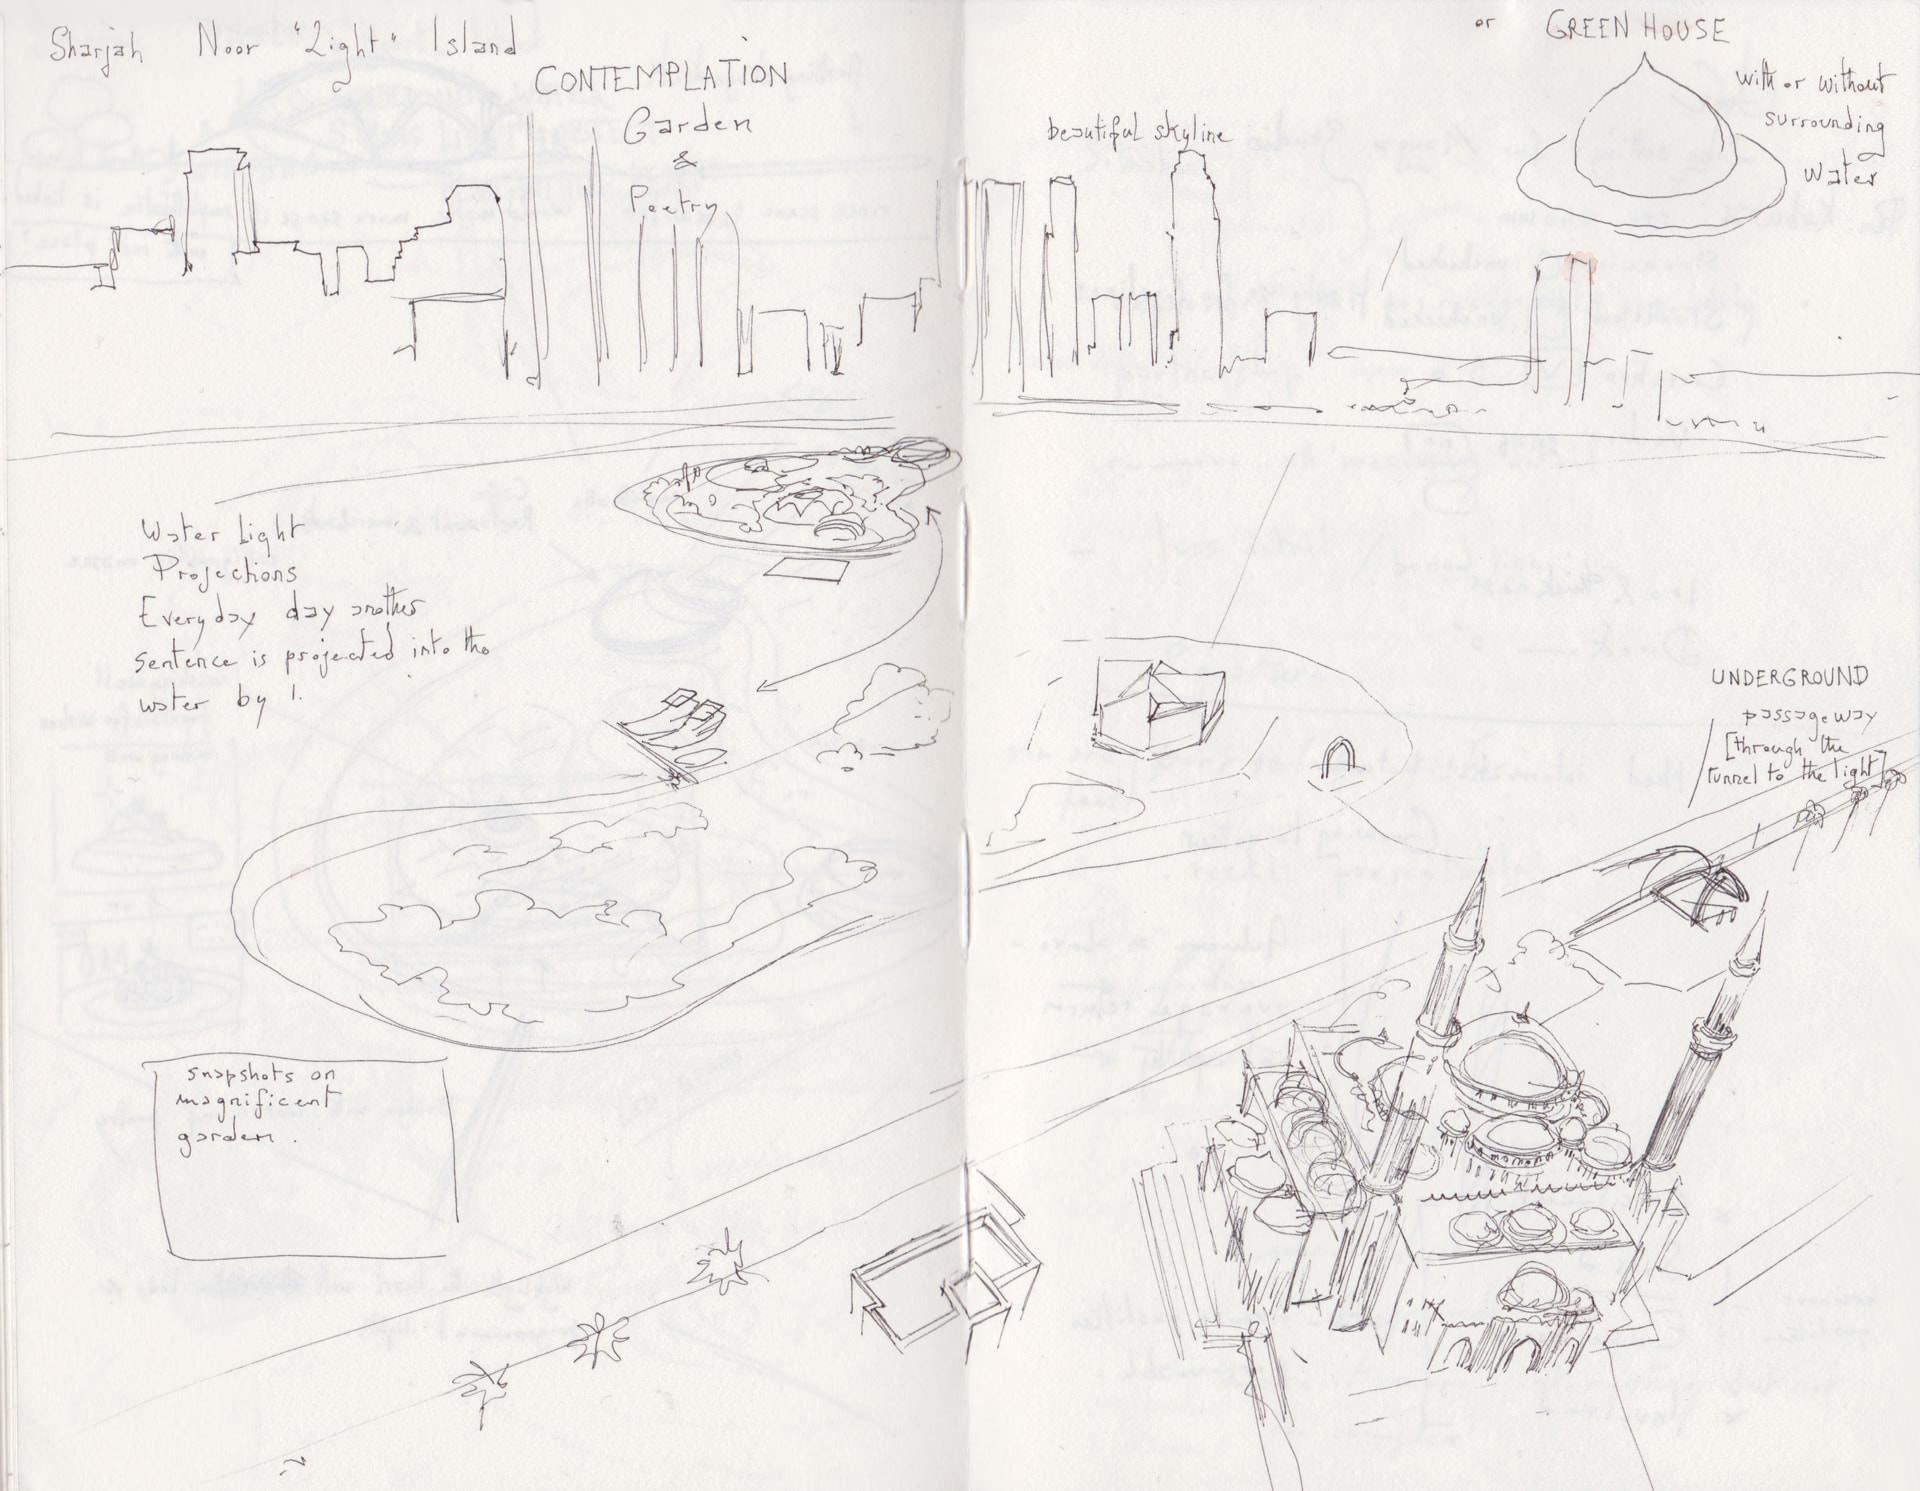 Sharjah Noor island sketch.